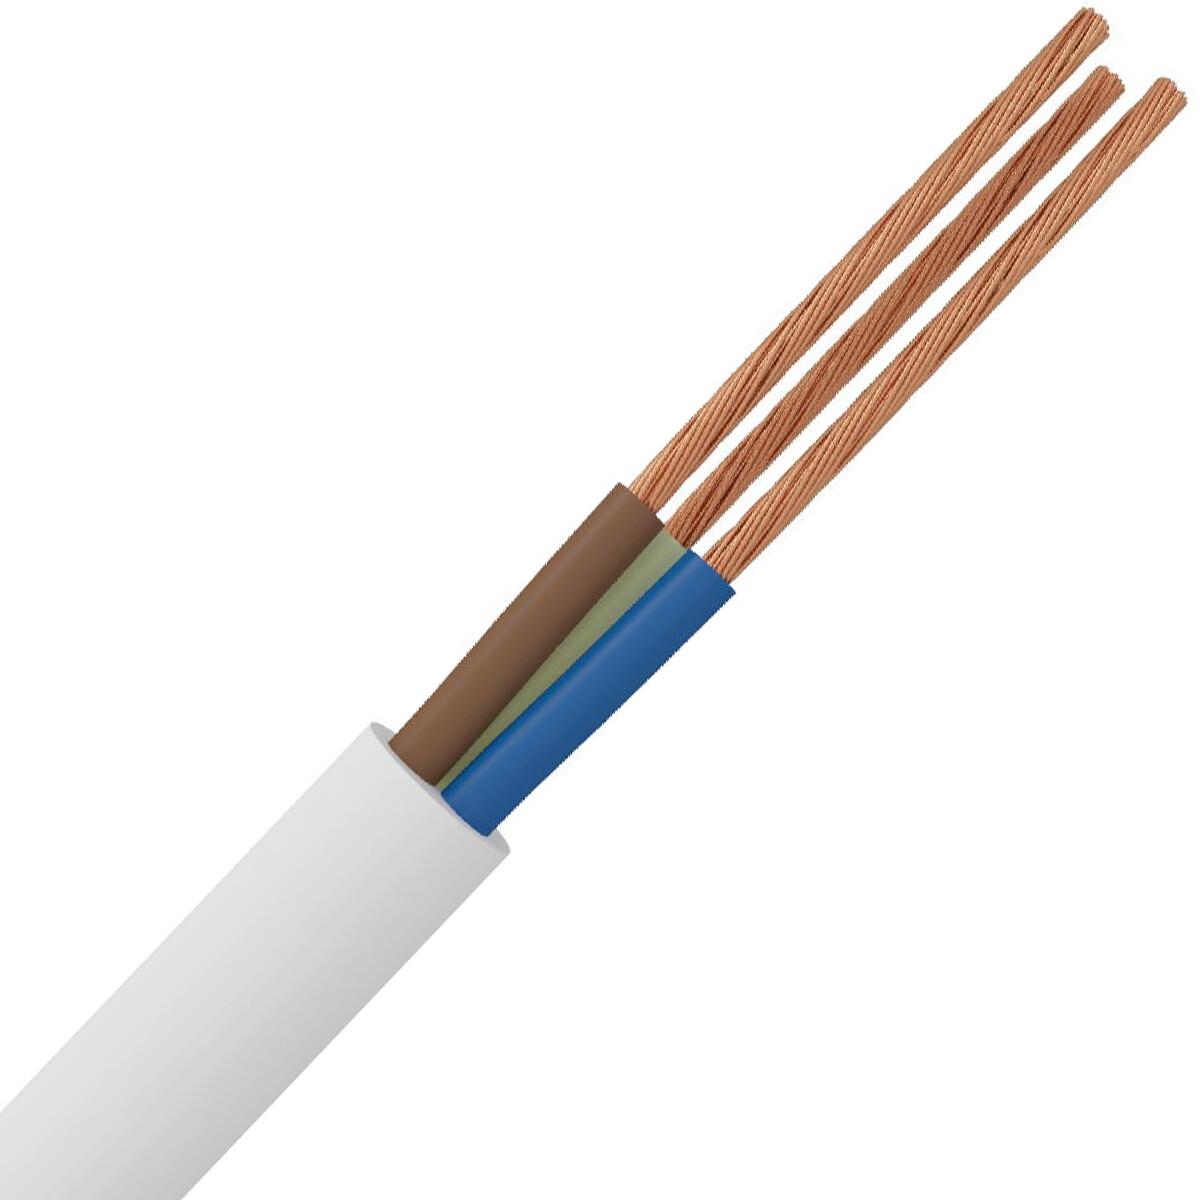 Stroomkabel - 3x1.5mm - 3 Aderig - 1 Meter - Wit